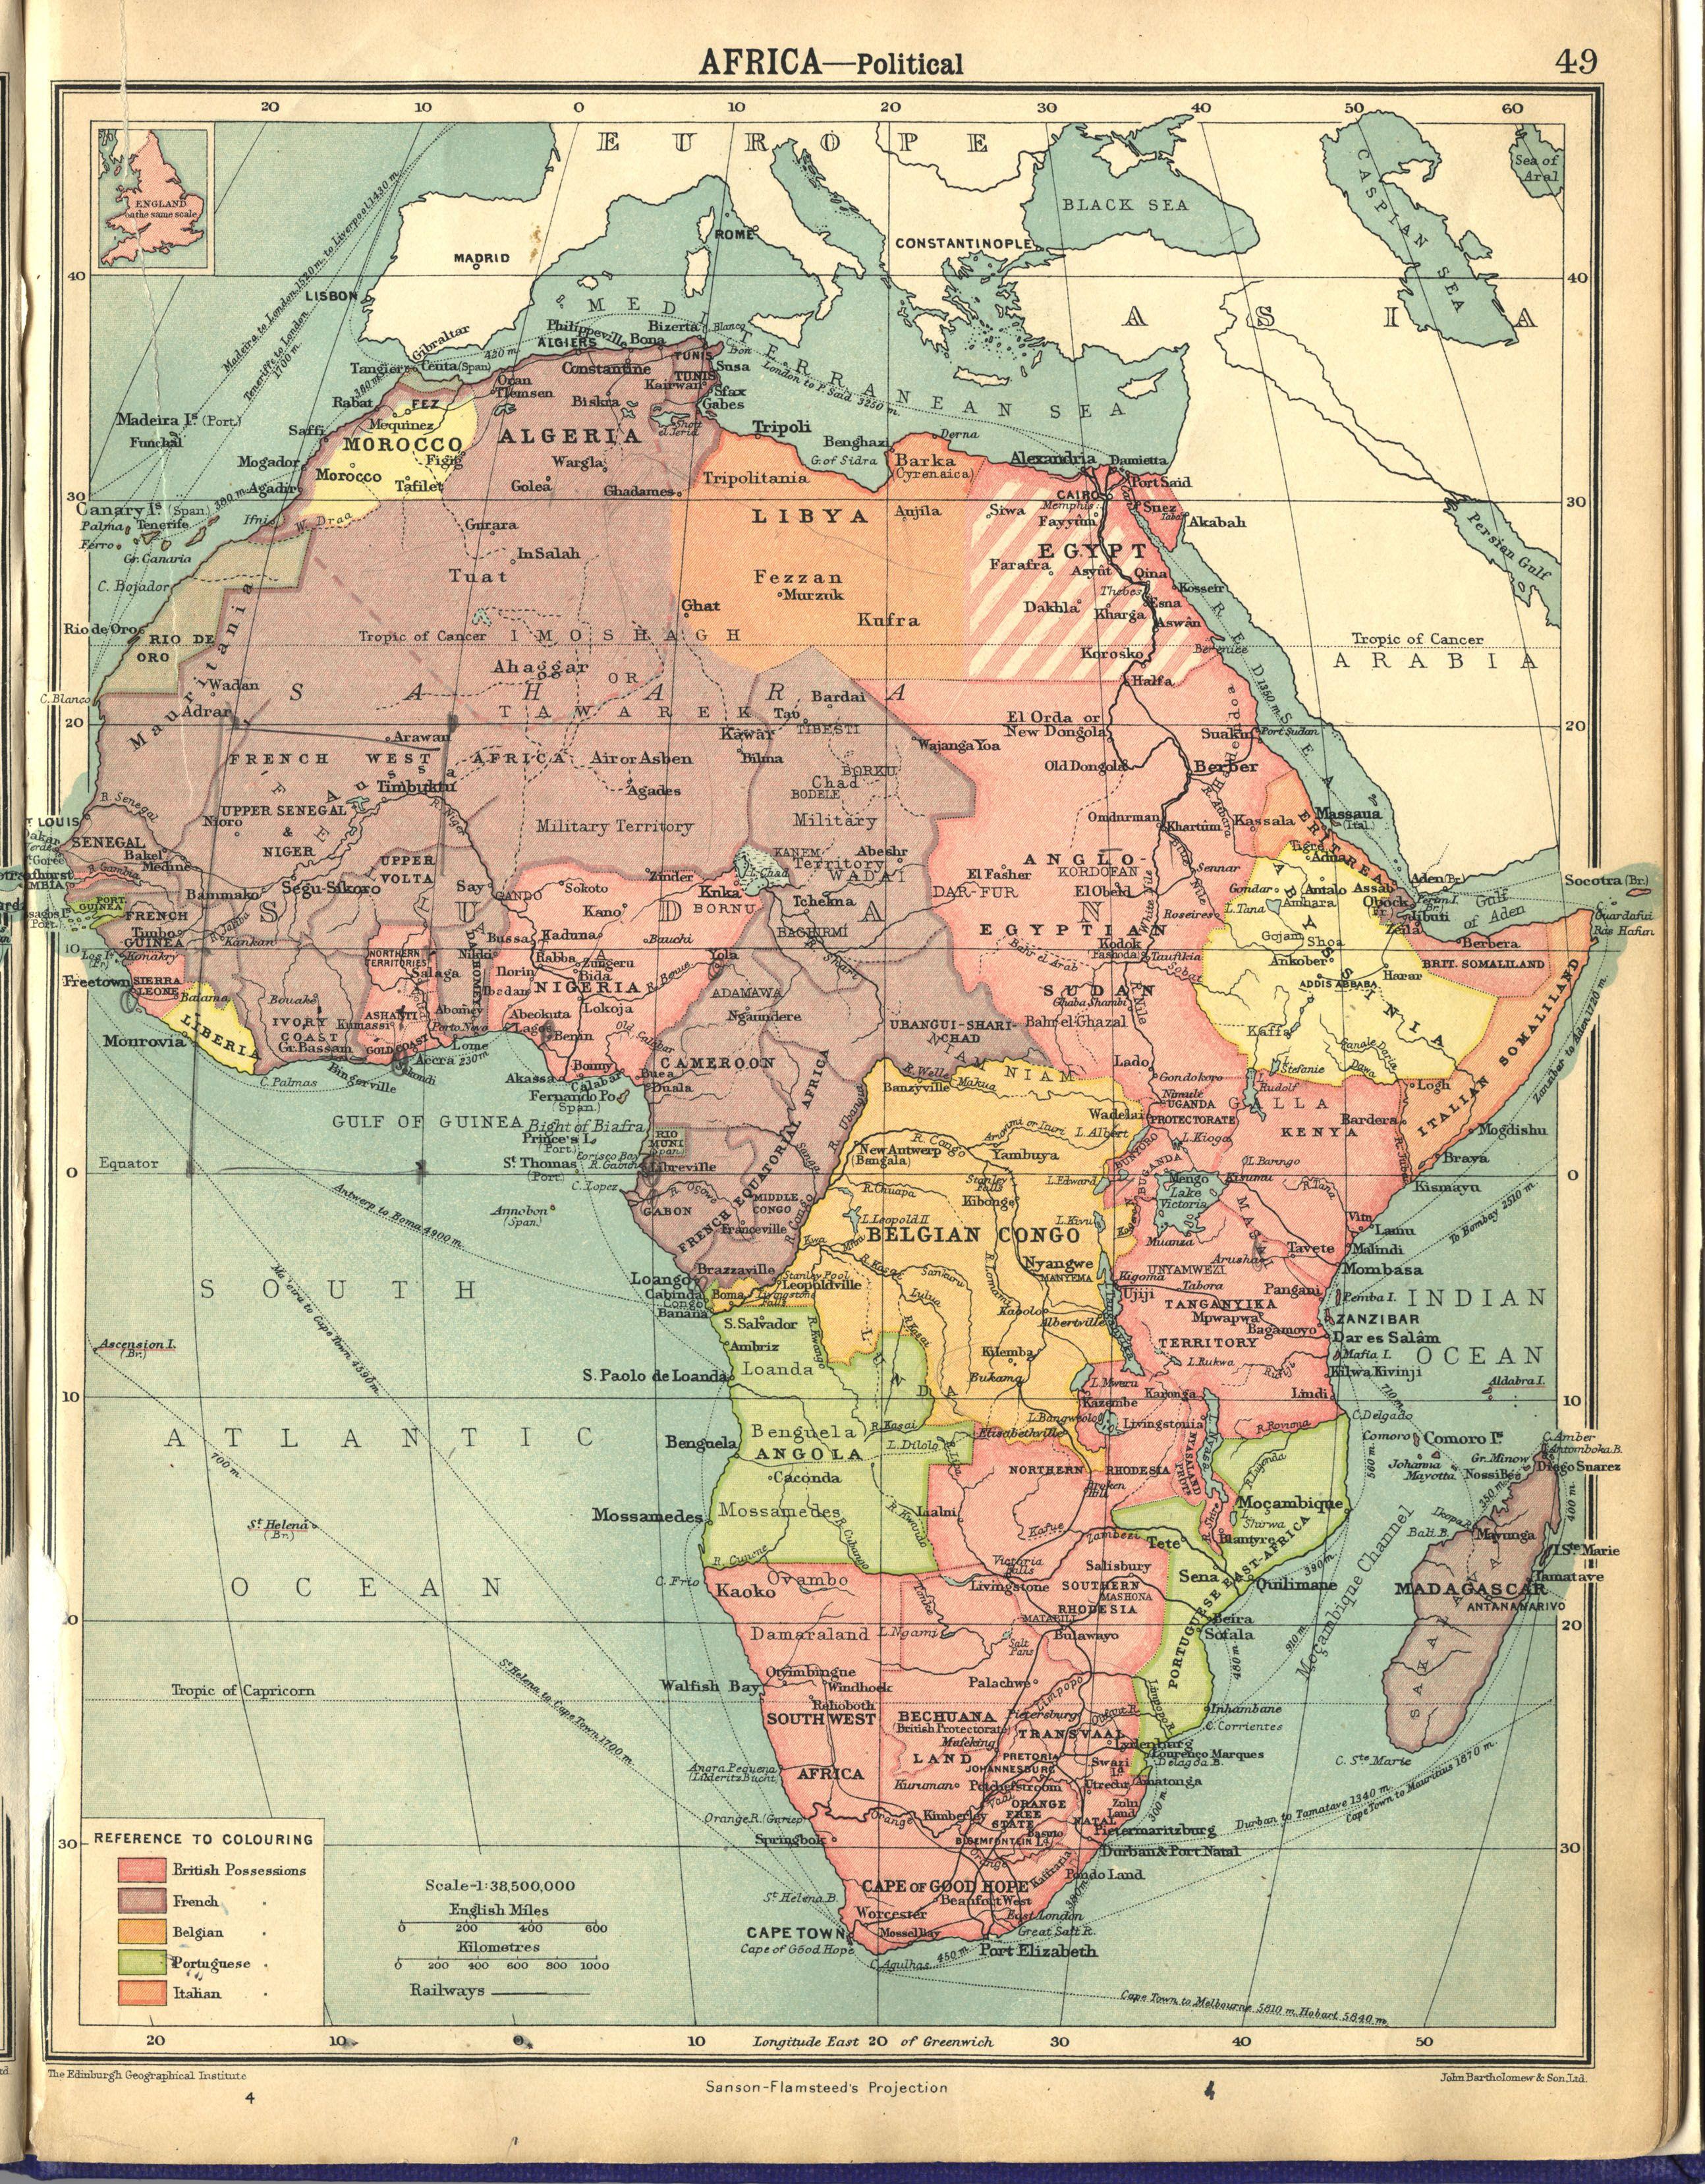 Africa Map Congo River%0A Niger river flows west  Phantom St Matthew u    s island  BUFFIER       map    African information graphics  u     maps   Pinterest   Africa